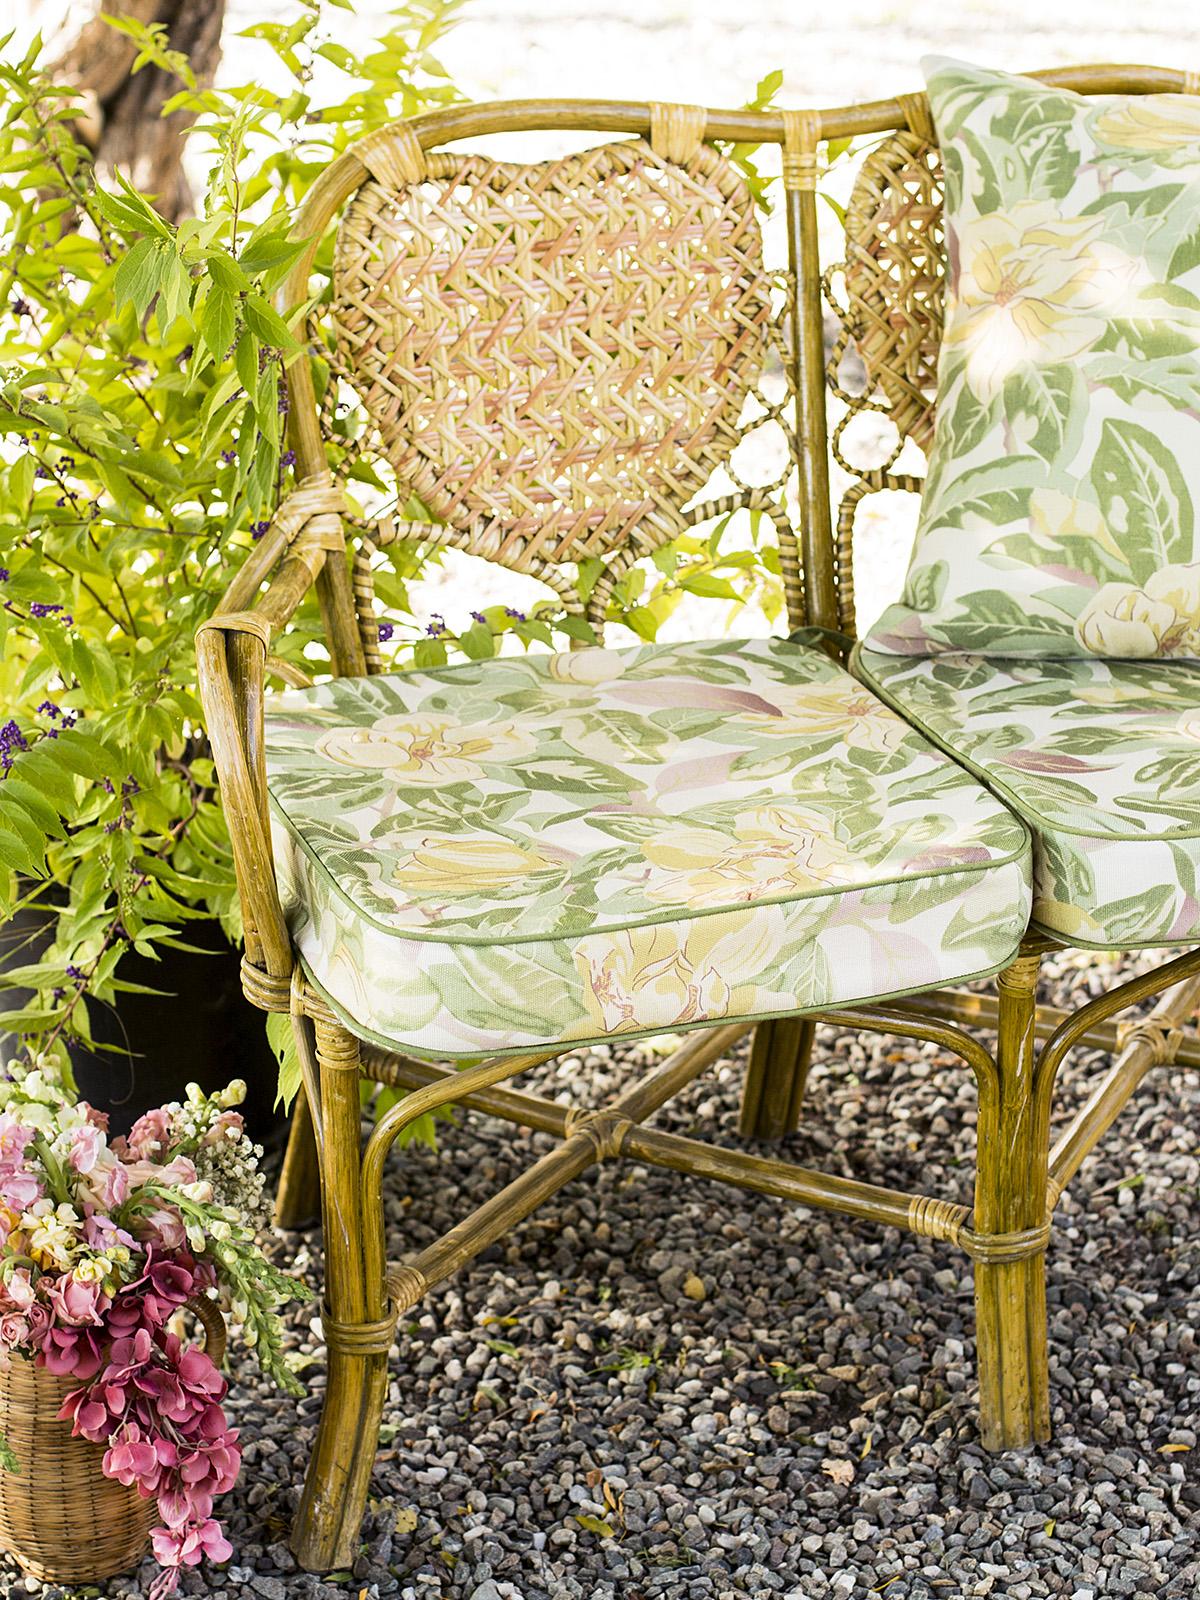 Magnolia Outdoor Chair Cushion